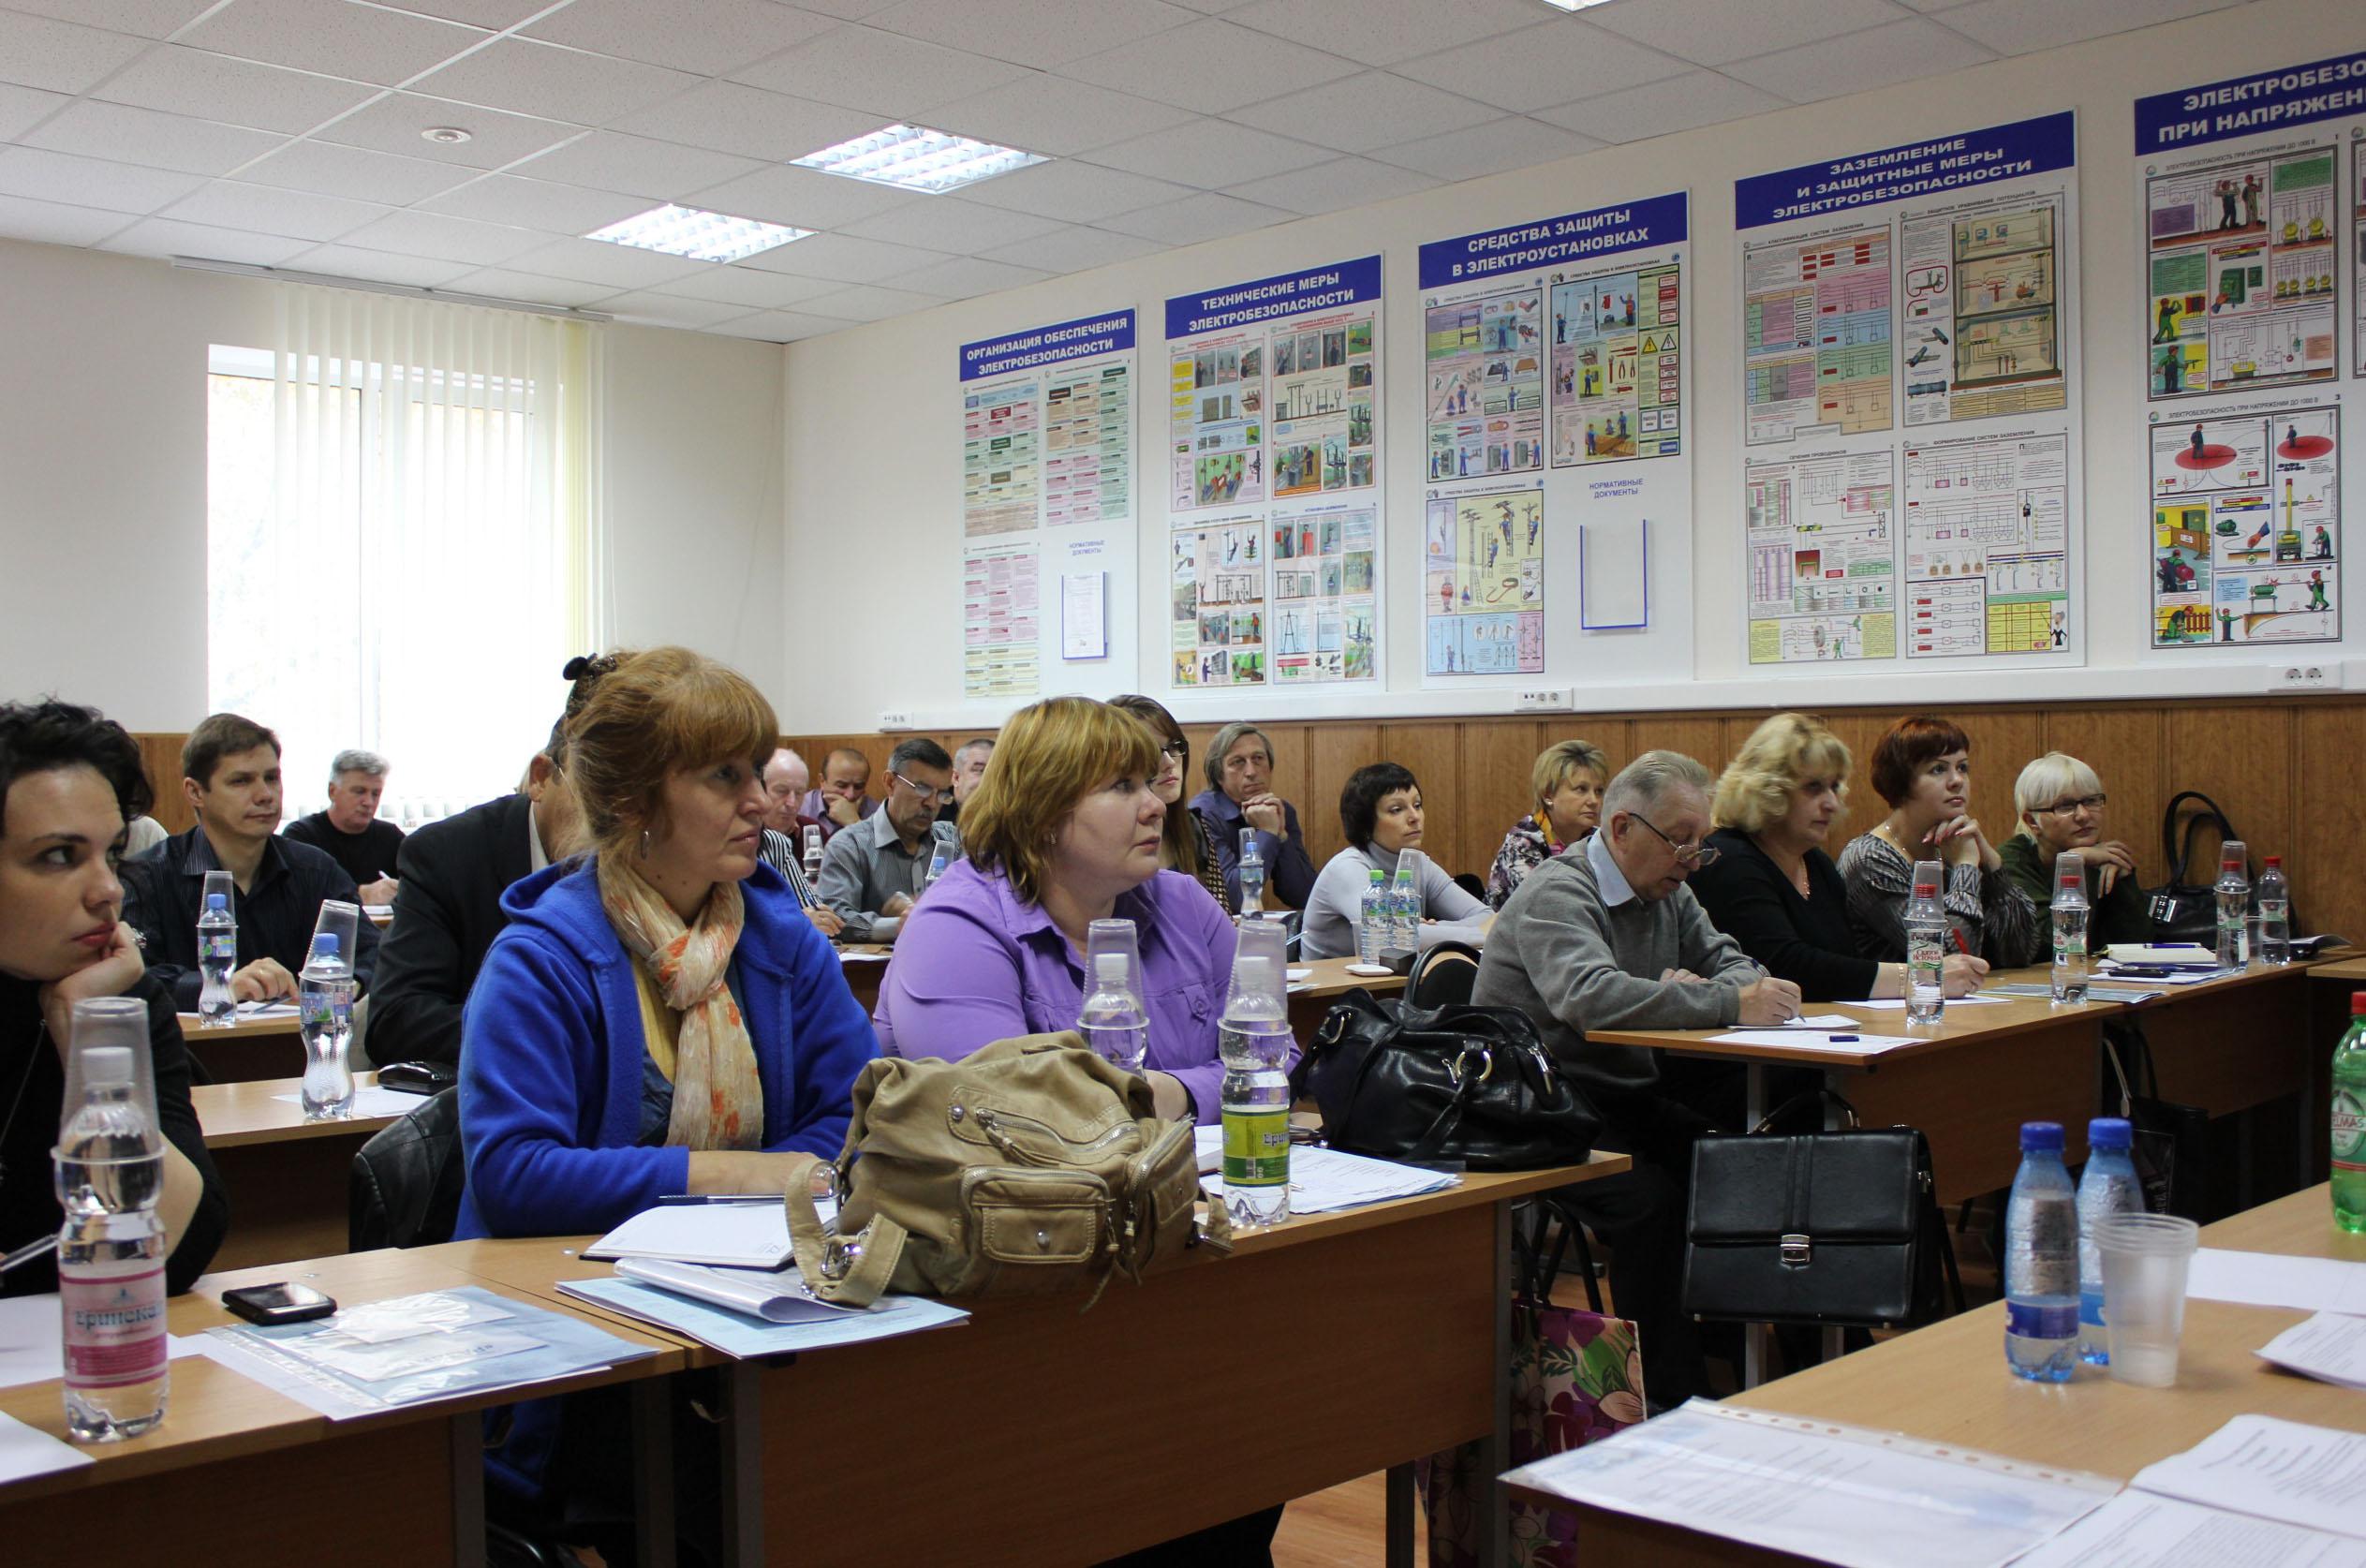 Обучение руководителей по охране труда и электробезопасности вопросы для подготовки к проверке знаний на 3 группу по электробезопасности